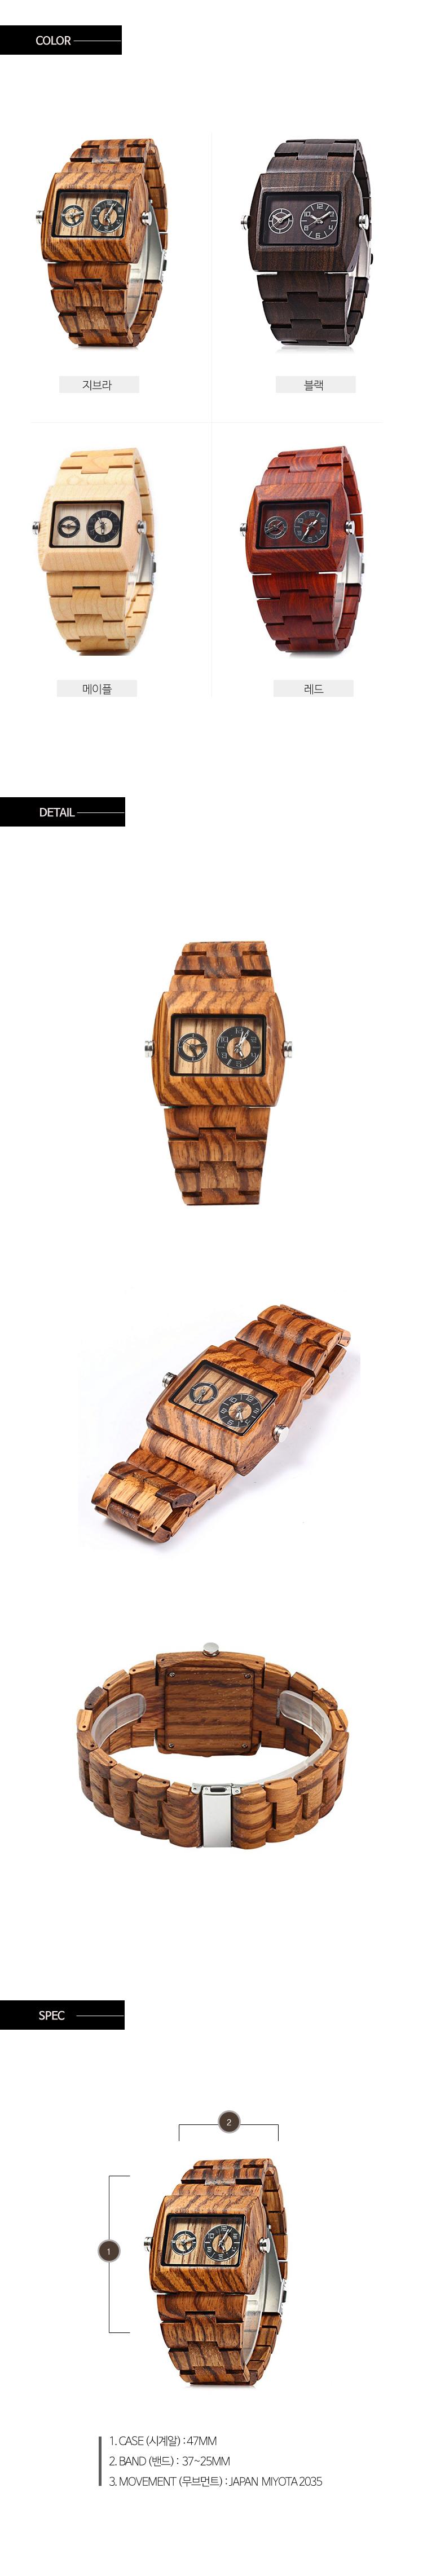 Bewell The Courage 4컬러 남성전용우드손목시계 - 비웰, 98,500원, 남성시계, 패션시계